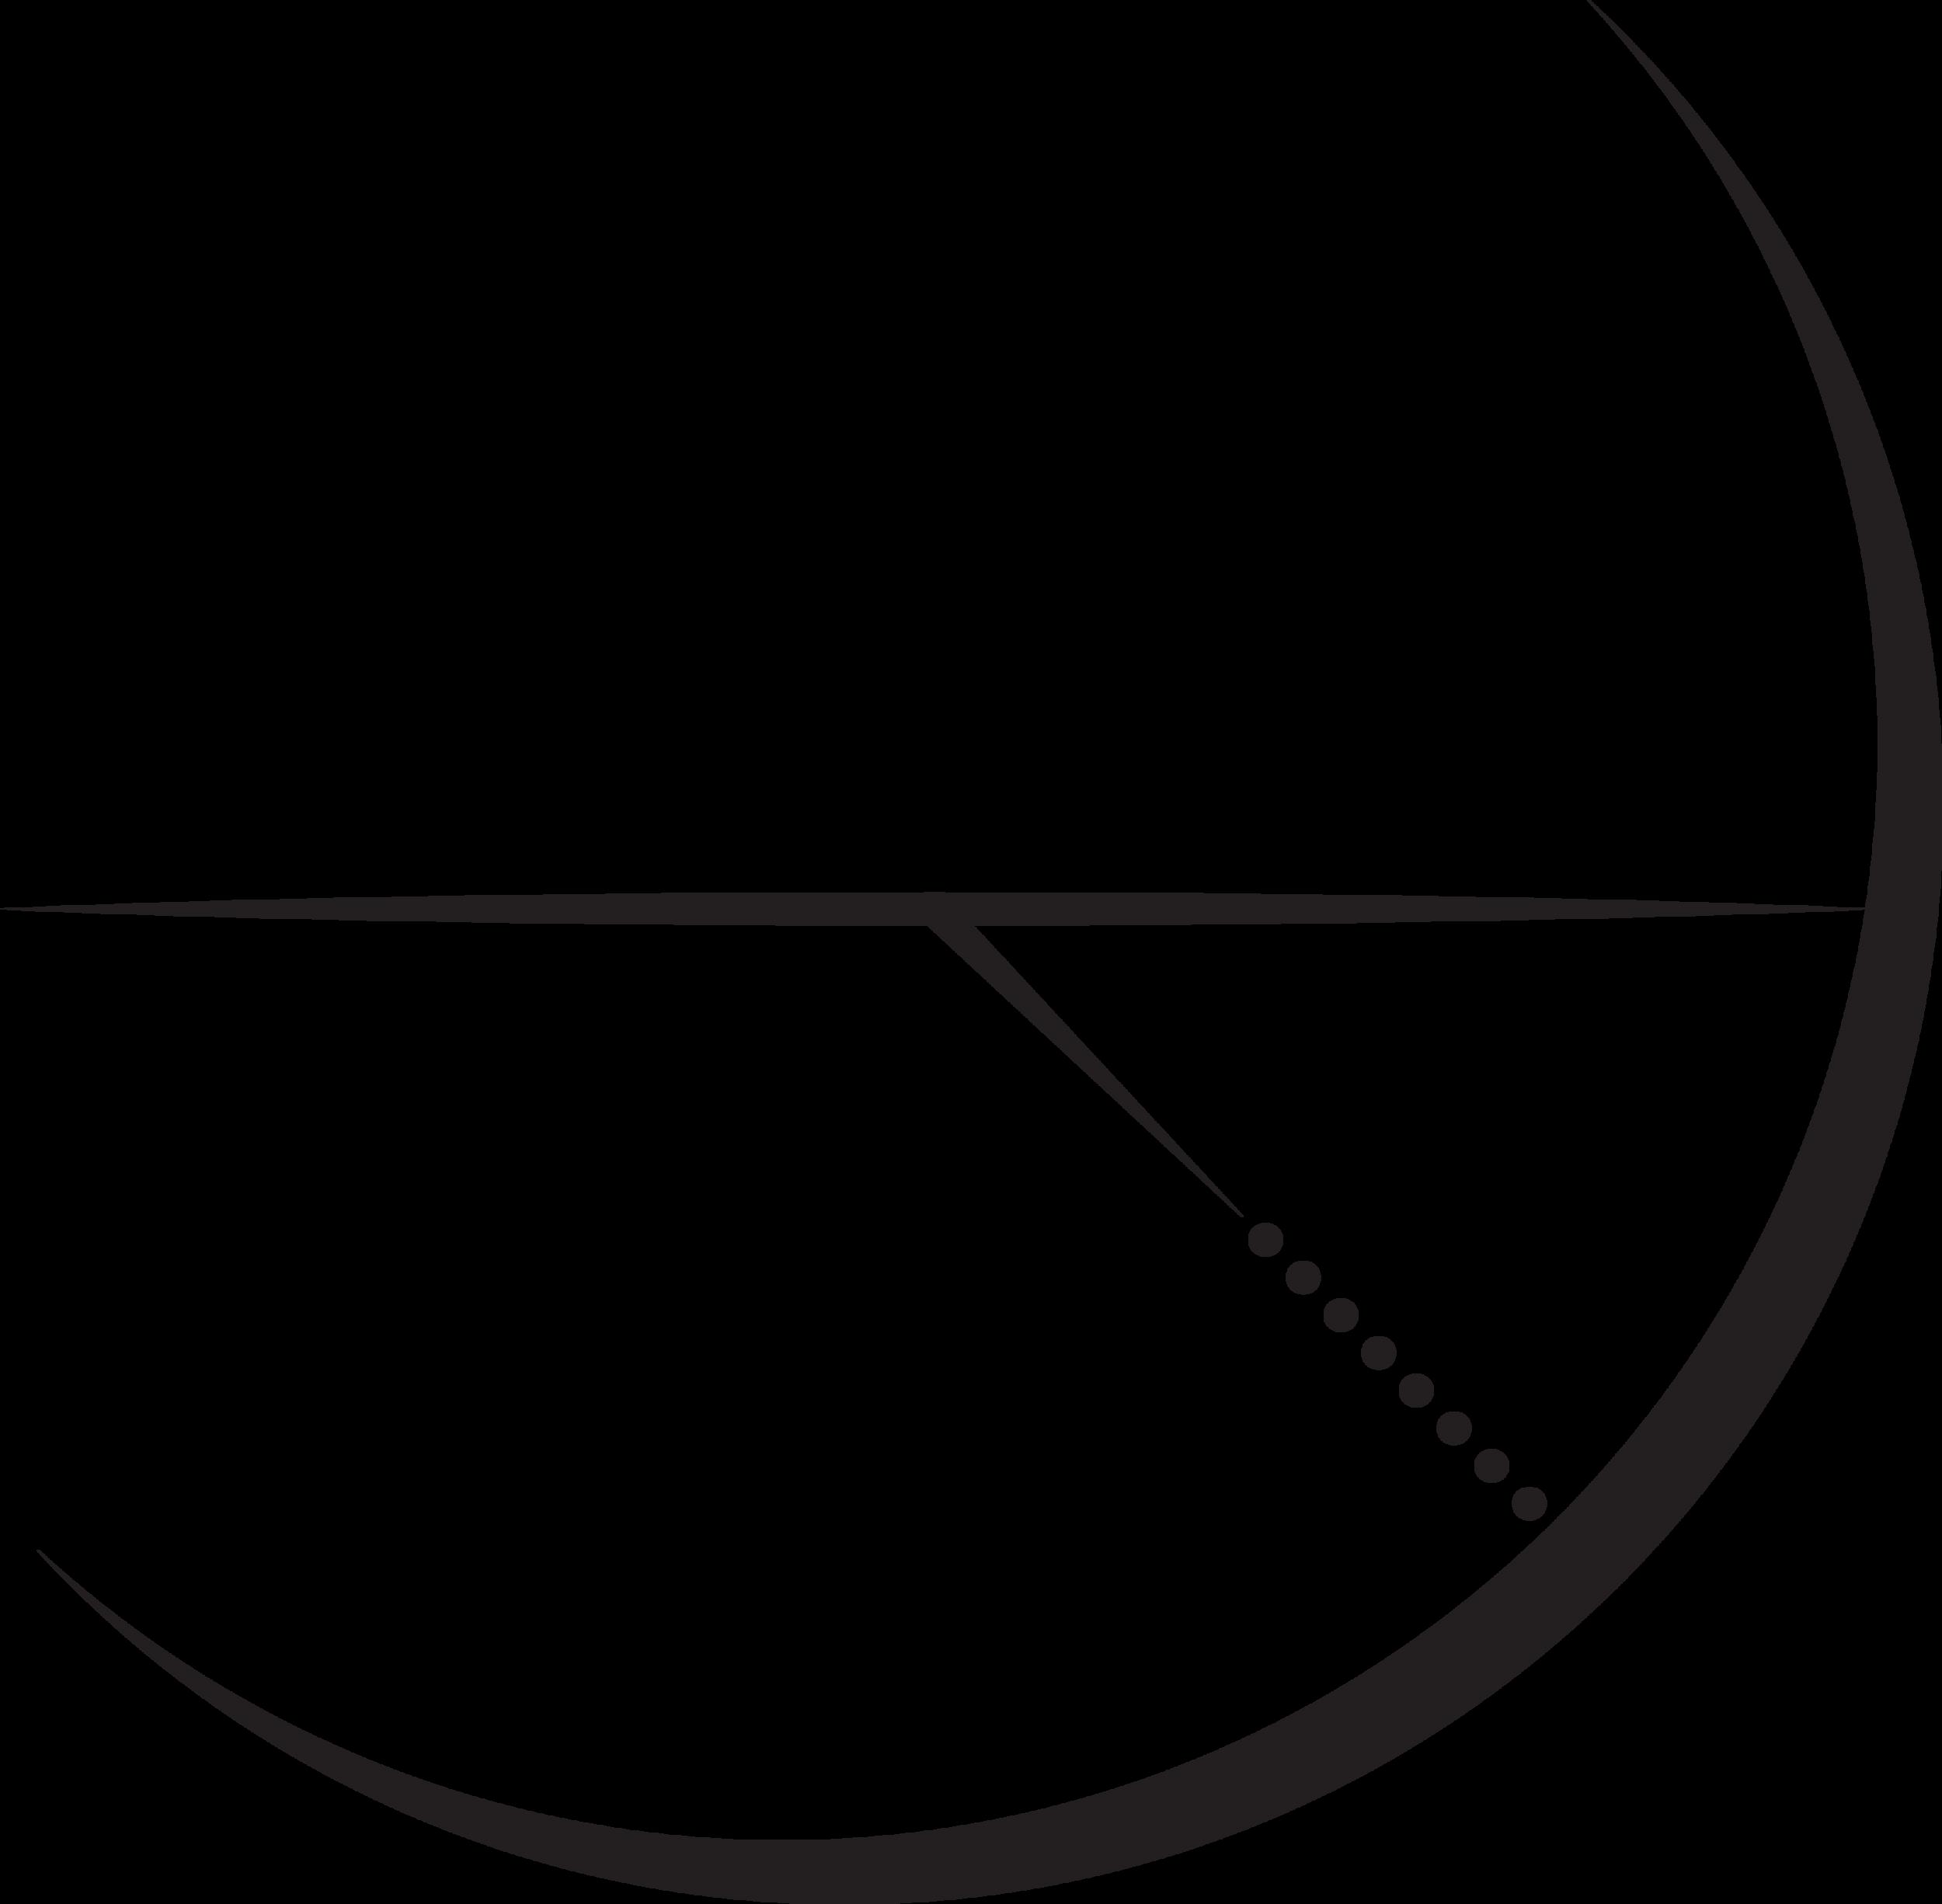 radius-logo copy.png